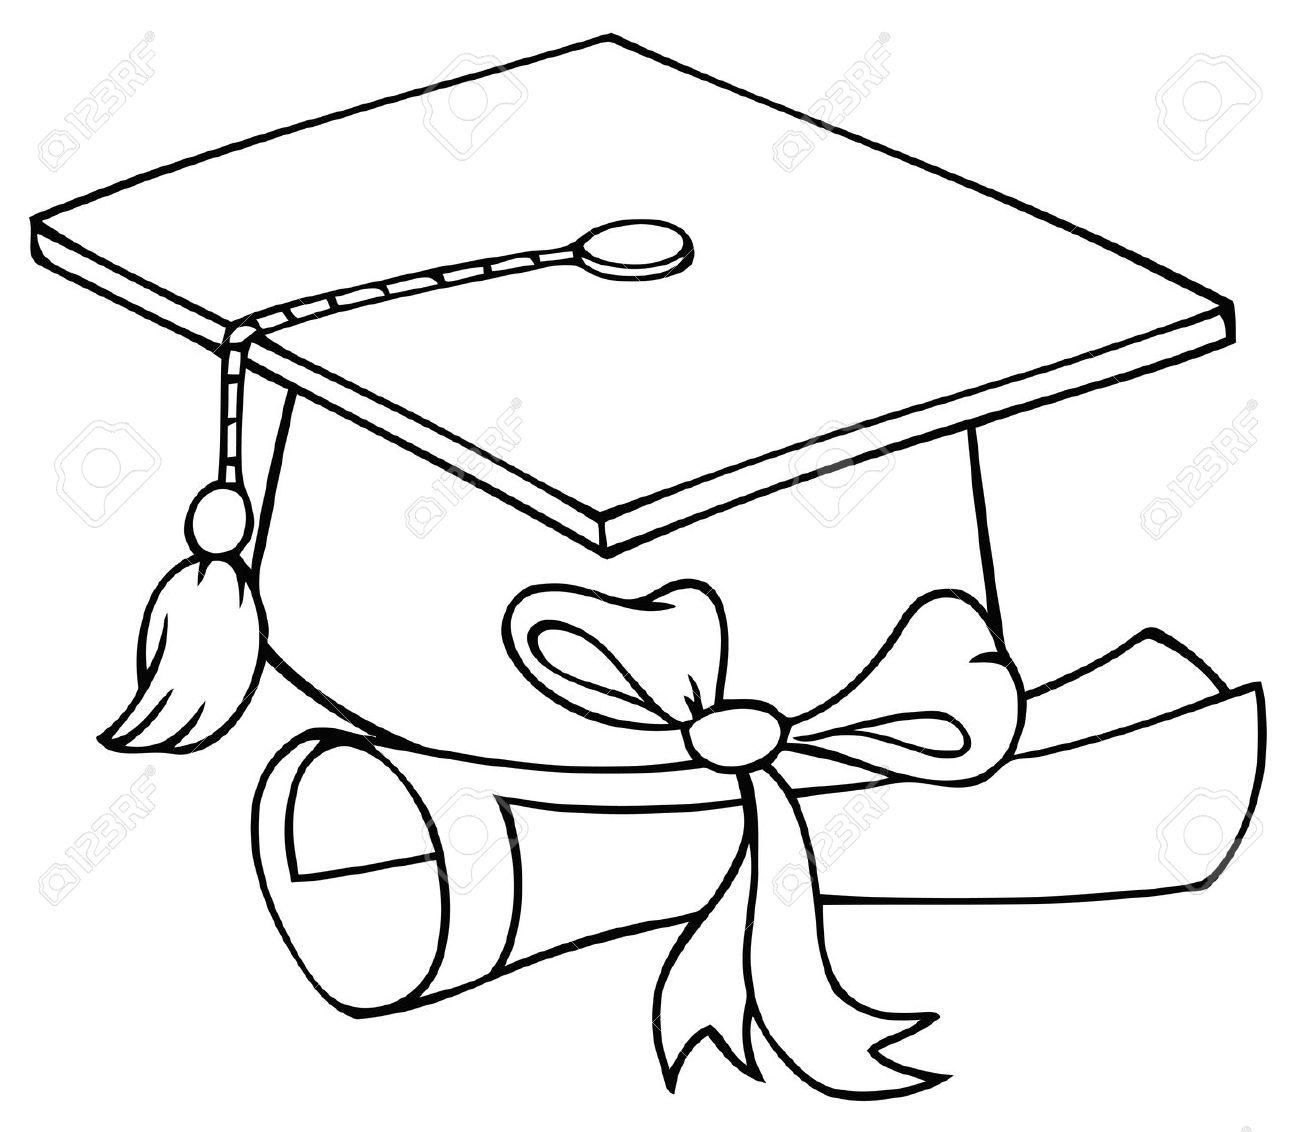 Dibujos Birrete Y Diploma De Graduación-dibujos birrete y diploma de graduación - Buscar con Google-4